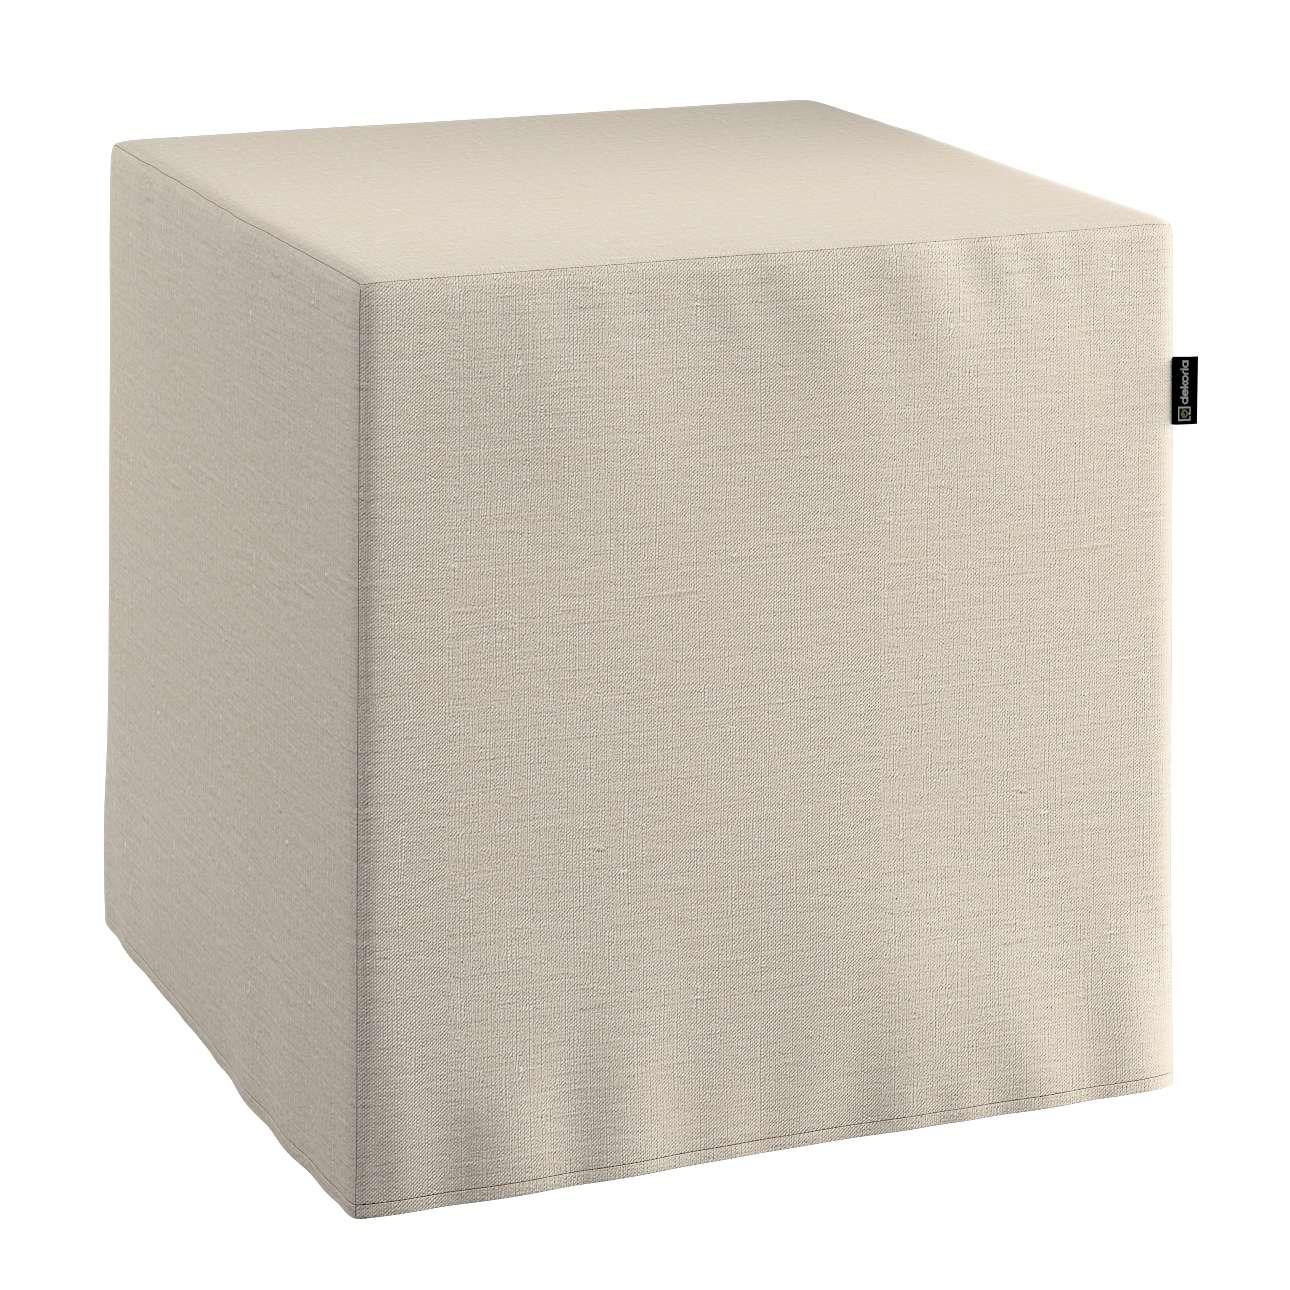 Taburetka tvrdá, kocka 40 x 40 x 40 cm V kolekcii Linen, tkanina: 392-05